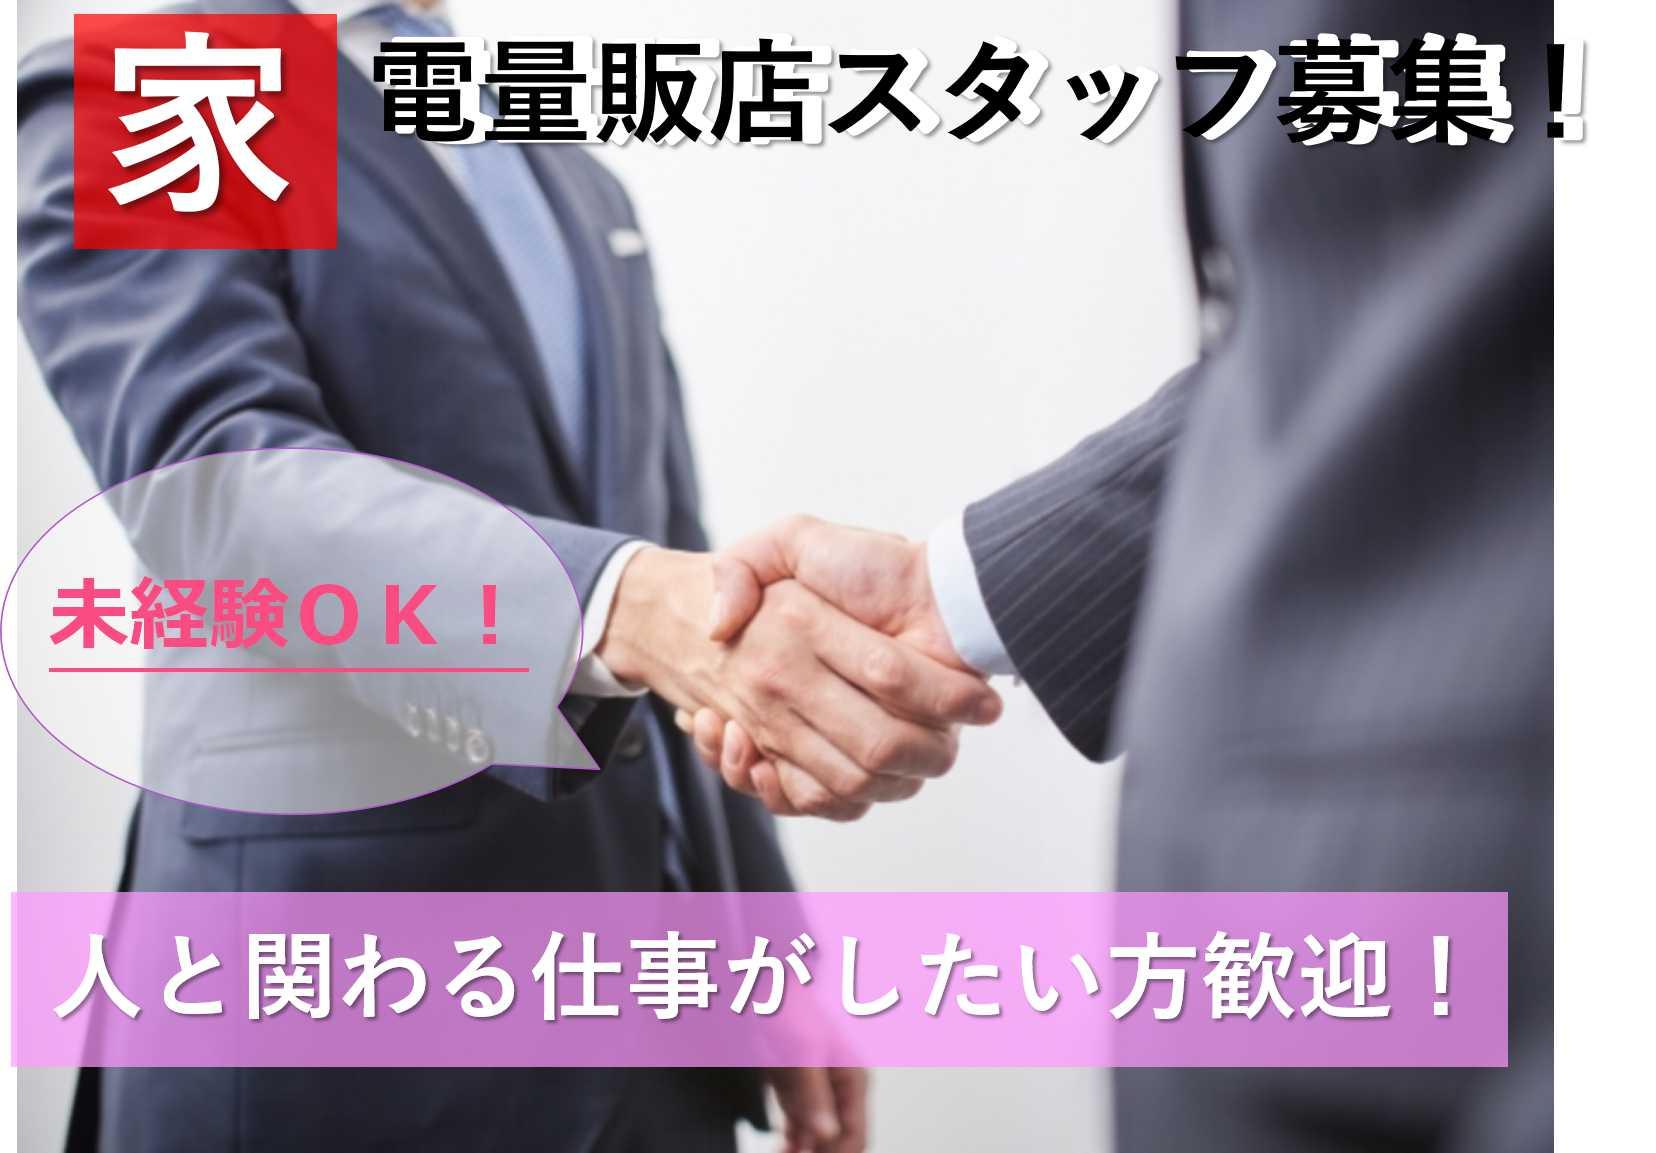 【愛知県西尾市】困った事はいつでも相談OK!人と関わる仕事をしたい方歓迎♪家電量販店スタッフ【即面談可能】 イメージ